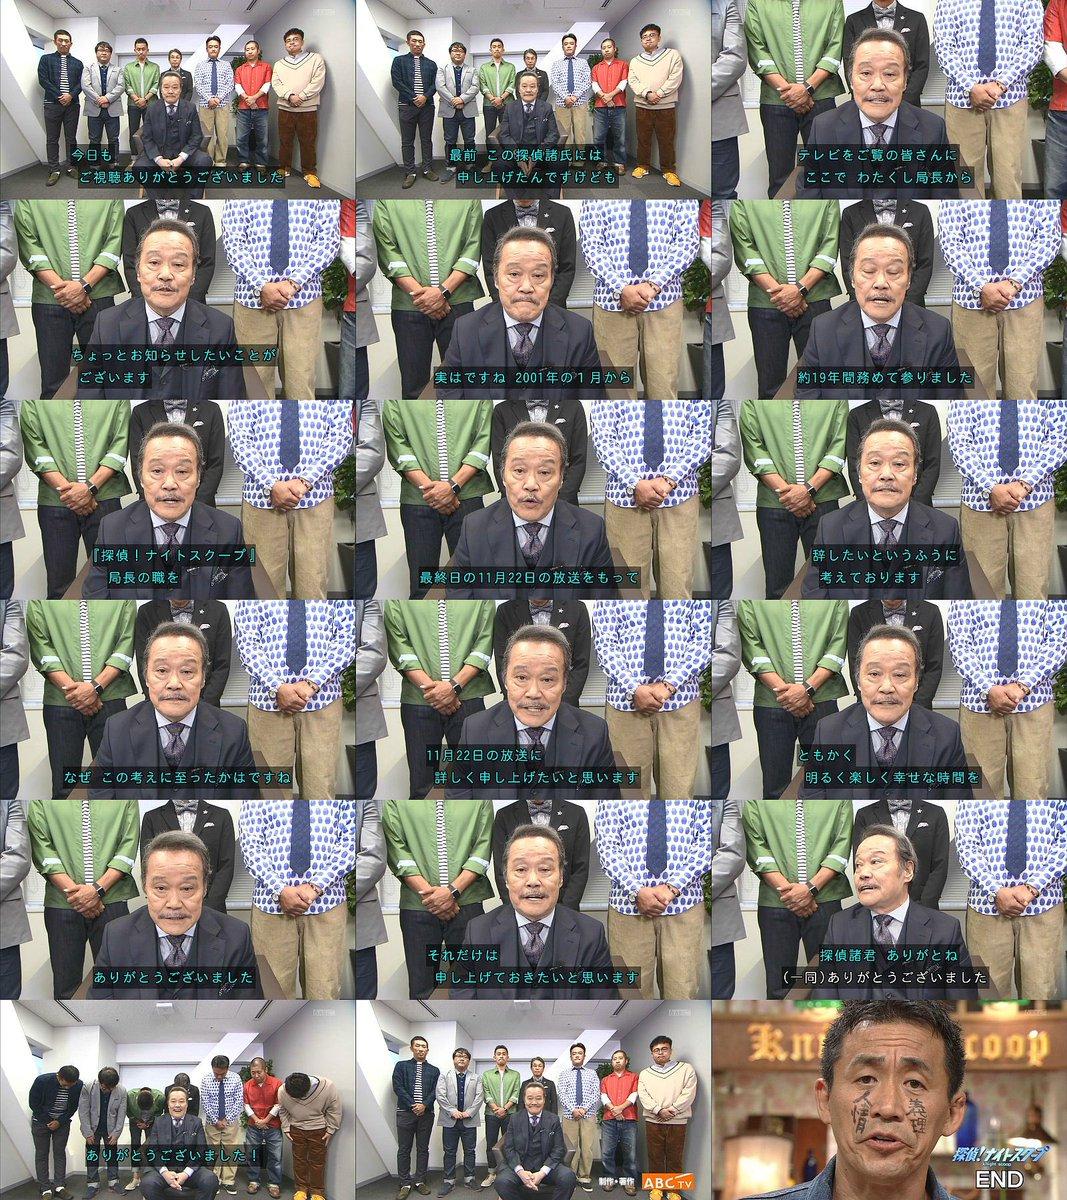 西田局長の視聴者への退任発表全文です。